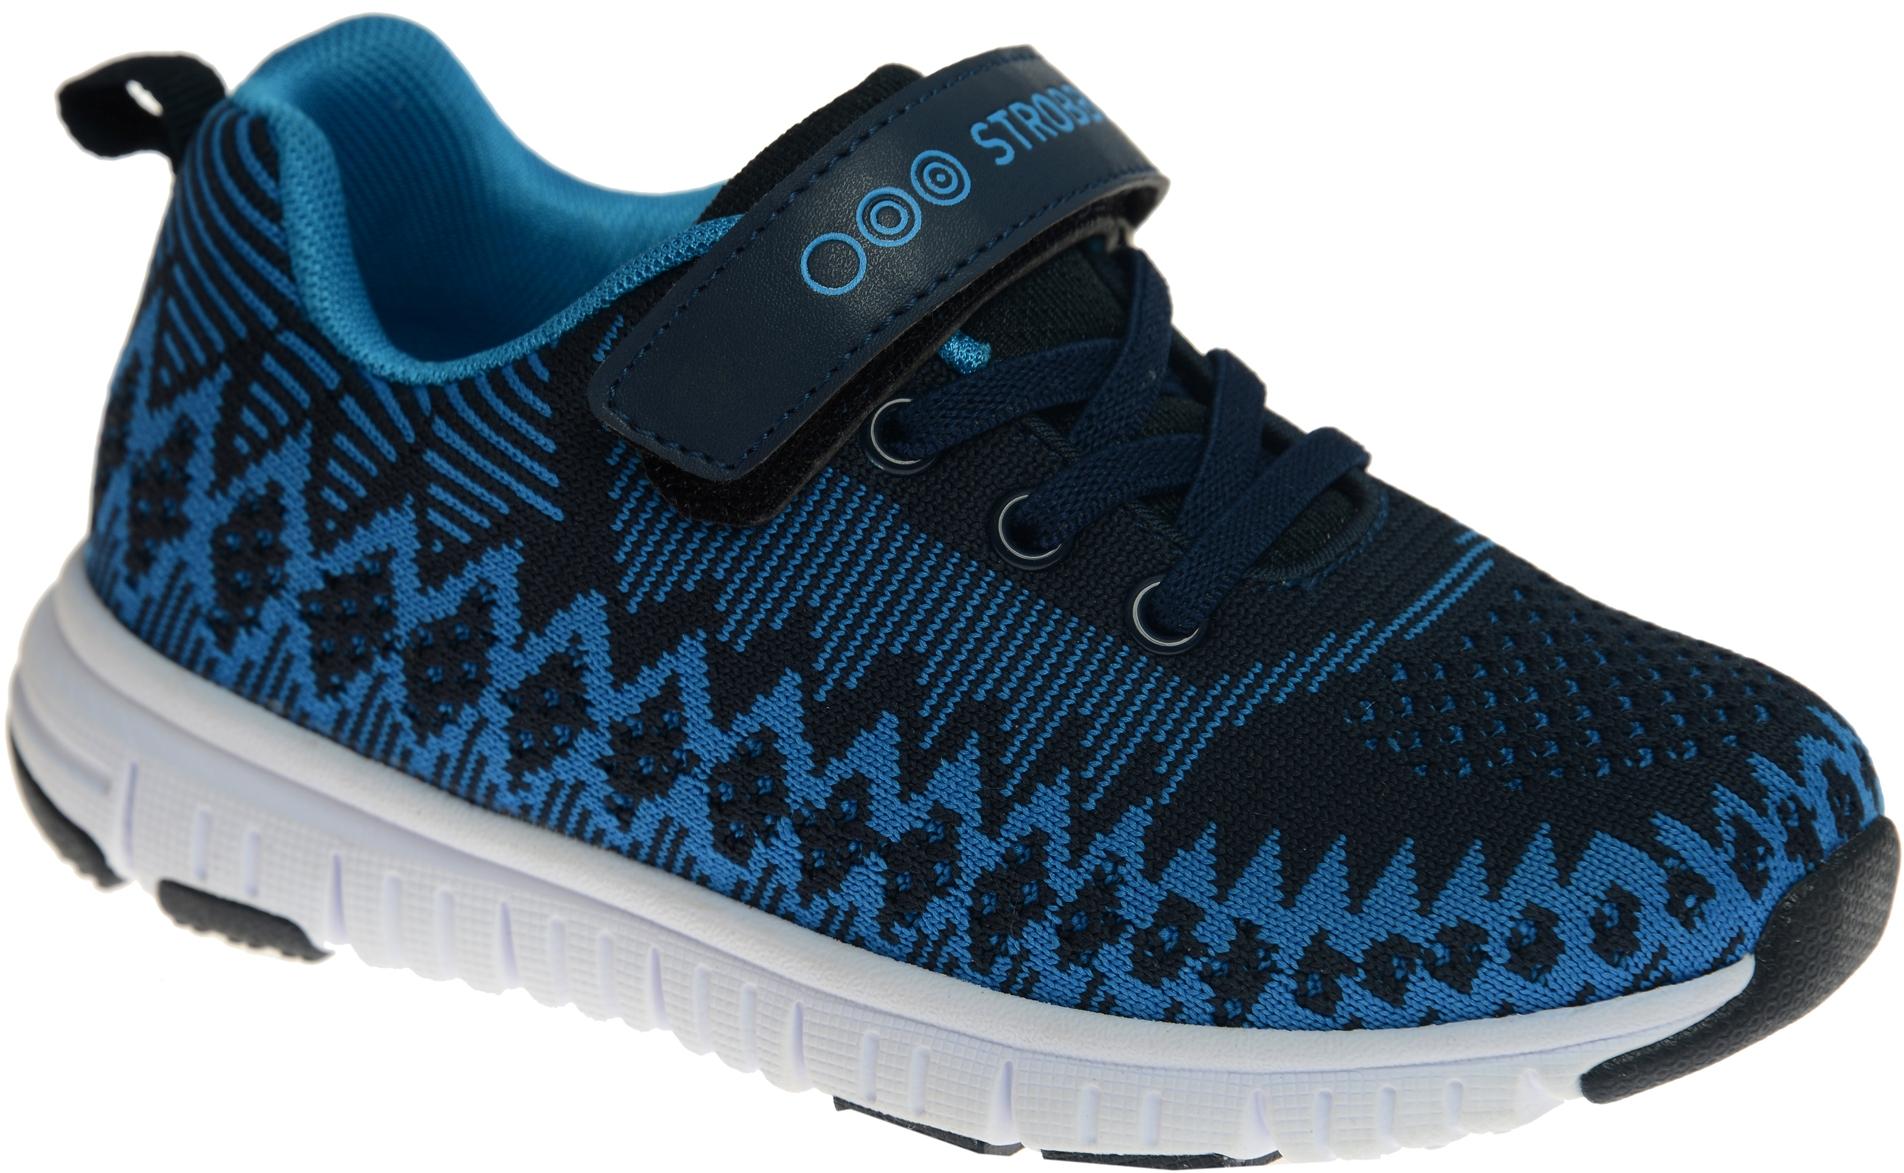 Кроссовки для мальчика Strobbs, цвет: темно-синий, синий. N1546-2. Размер 33N1546-2Стильные кроссовки для мальчика Strobbs отлично подойдут для активного отдыха и повседневной носки. Верх модели выполнен из вязаного текстиля. Удобная шнуровка и хлястик на липучке надежно зафиксируют модель на стопе. Особая форма подошвы обеспечит удобство при ходьбе и отличную амортизацию.